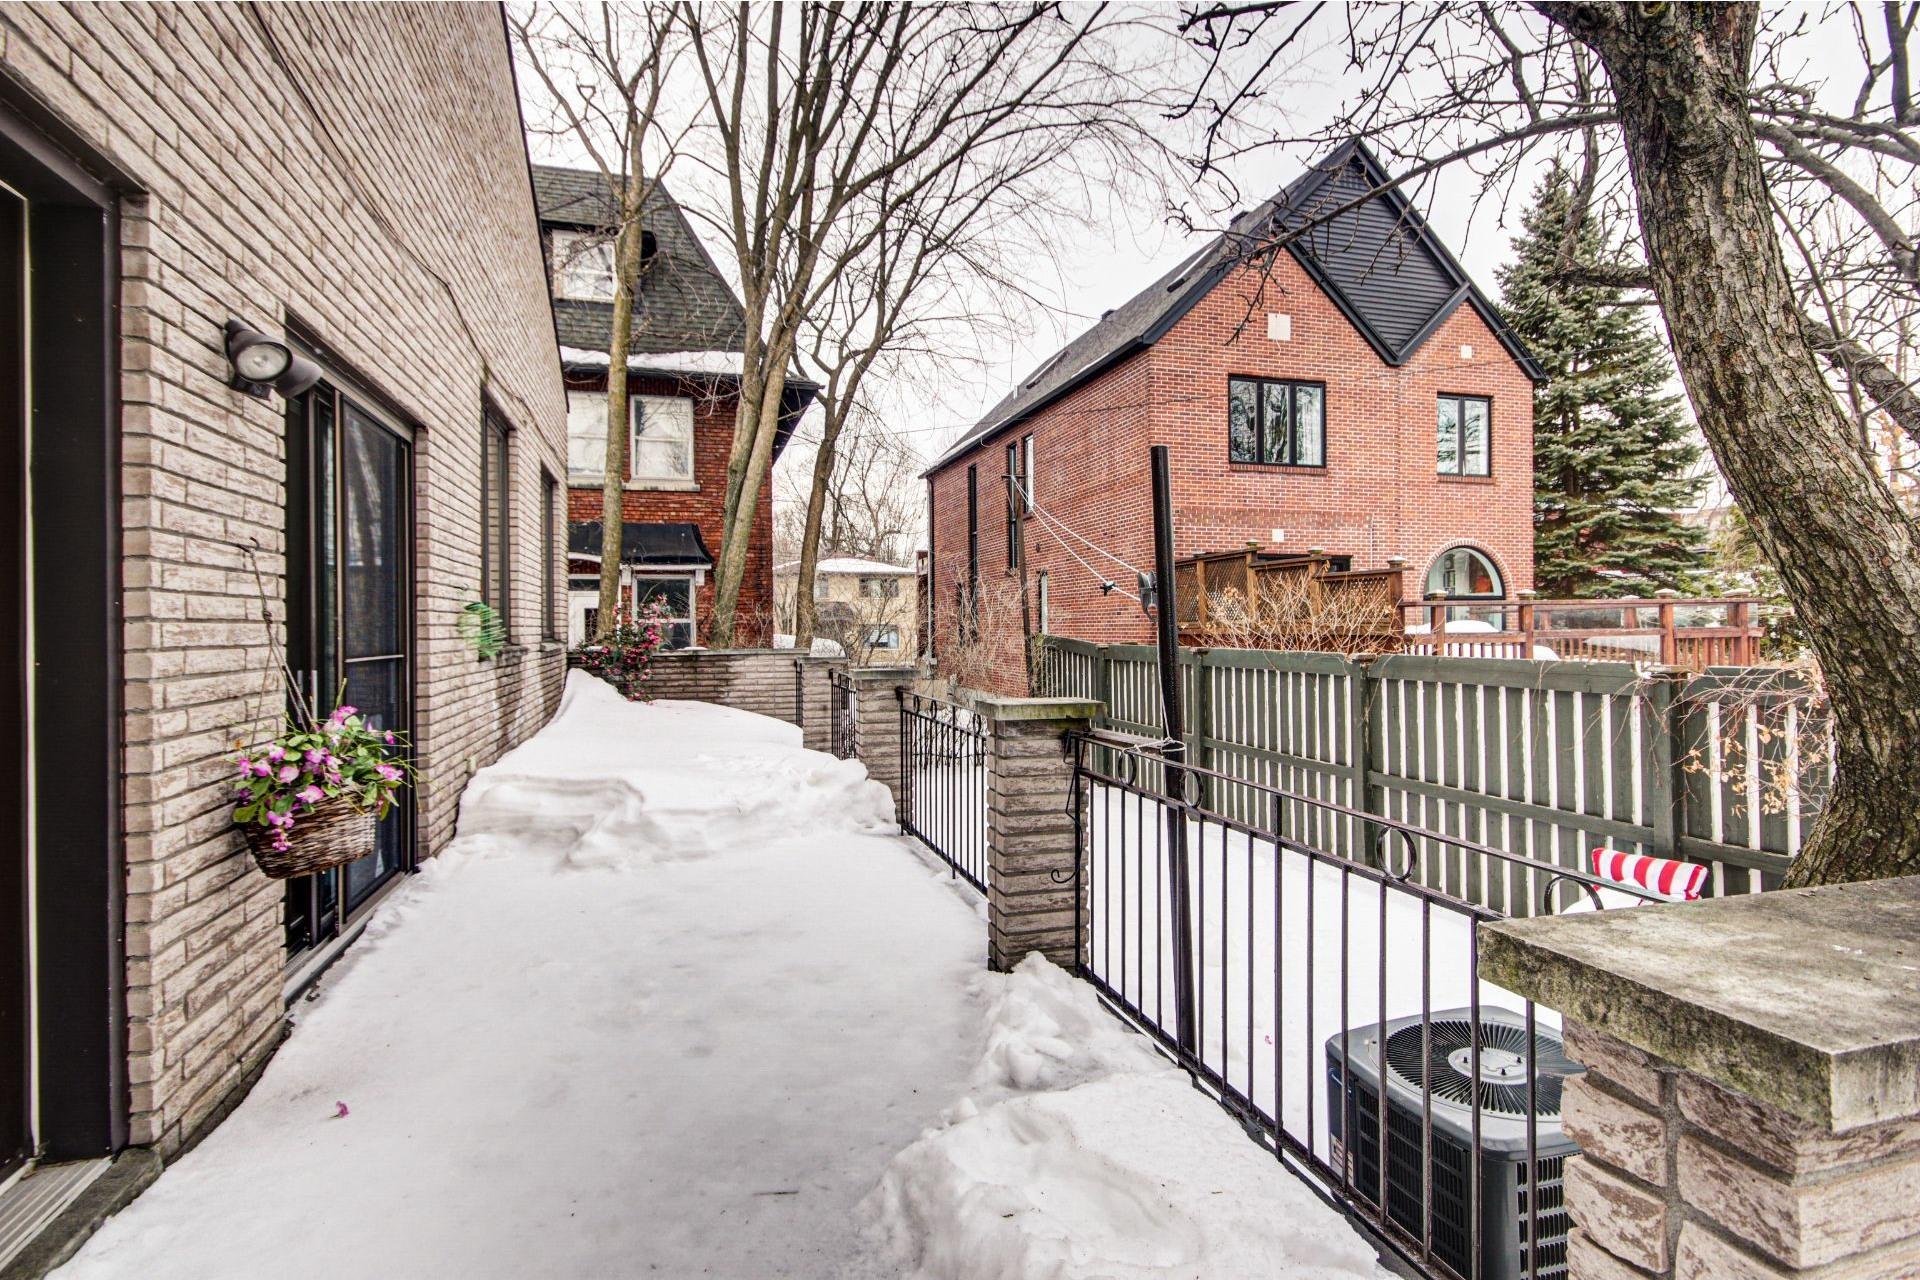 image 29 - Maison À vendre Côte-des-Neiges/Notre-Dame-de-Grâce Montréal